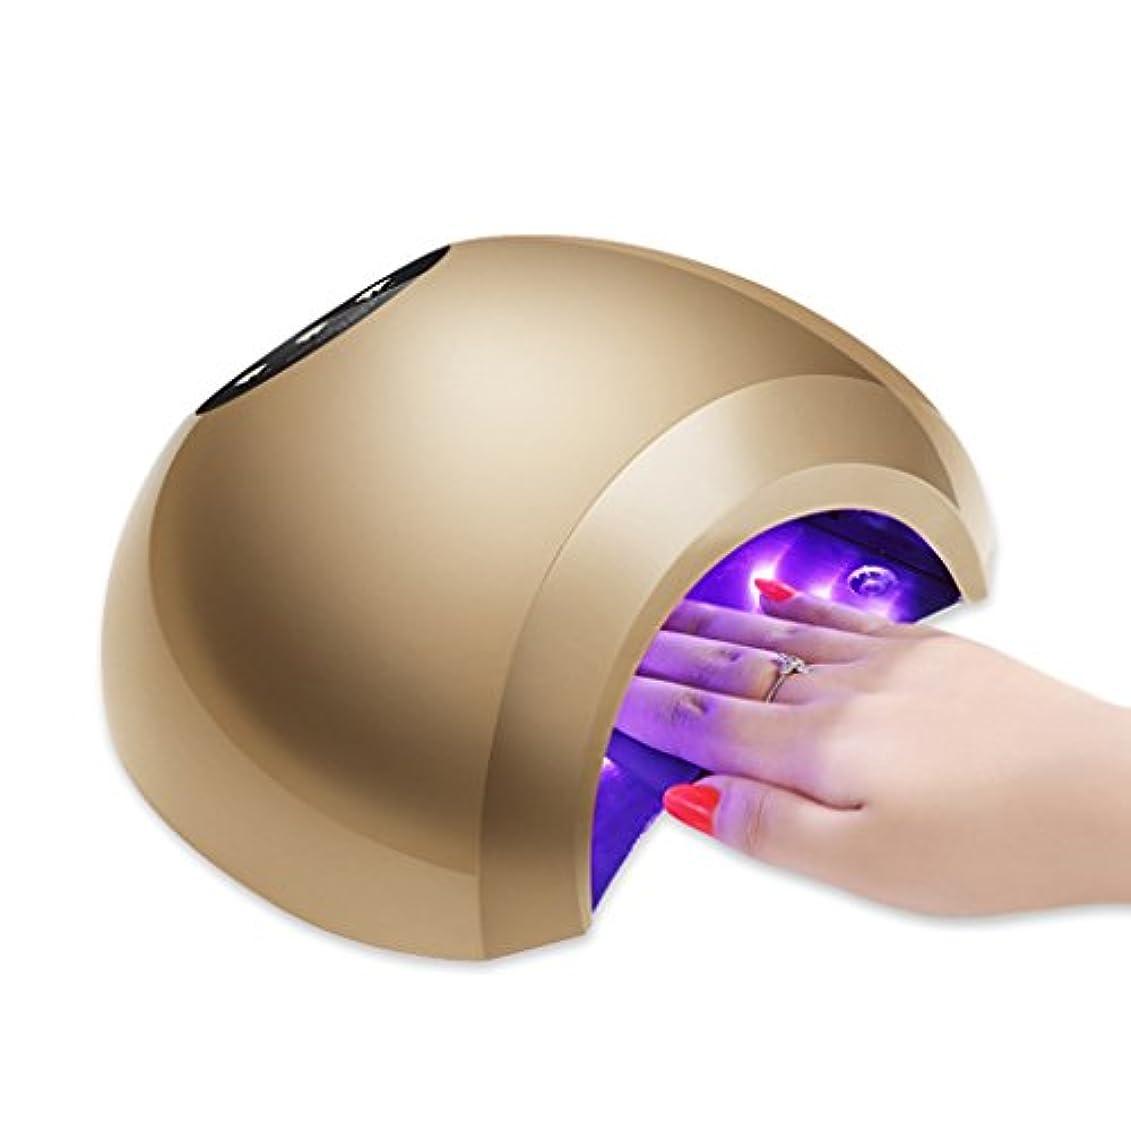 アリーナでもハム48WネイルランプUVビールジェルネイルドライヤー24ビーズ3タイマー設定10秒/ 30秒/ 60秒と自動センサー、プロ用ゲル硬化用硬化ランプ